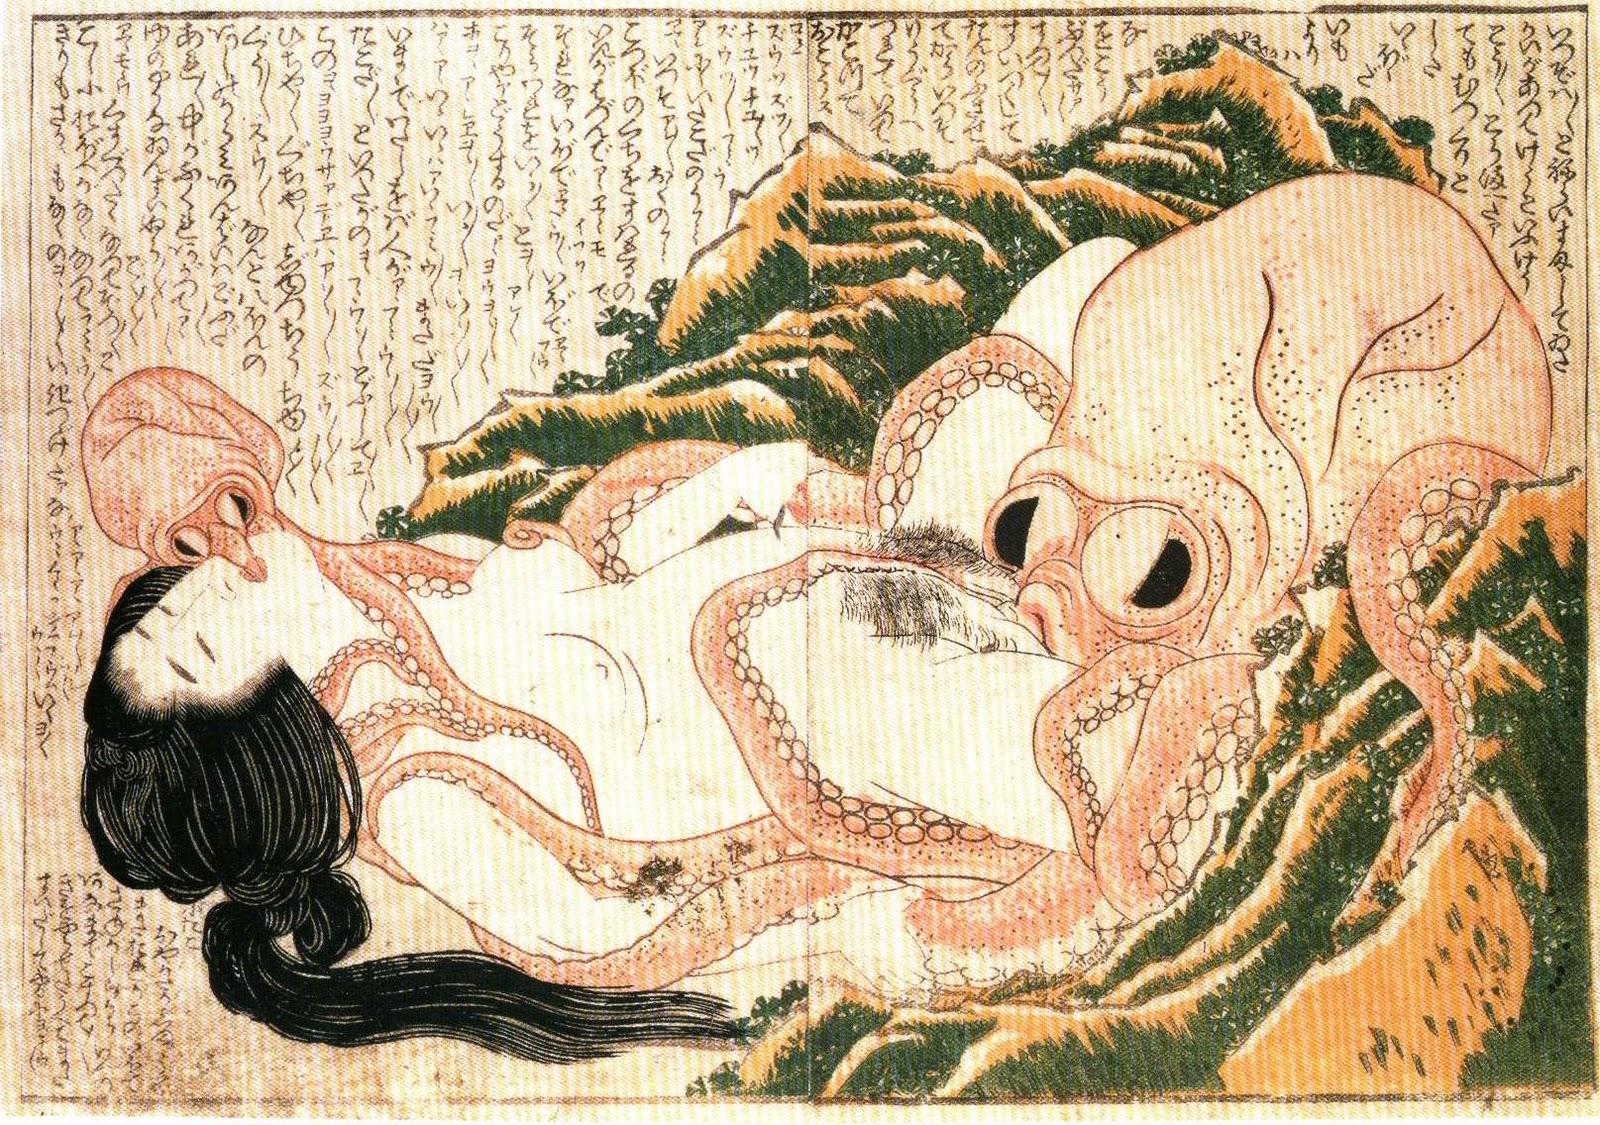 Японское осьминог порно 17 фотография